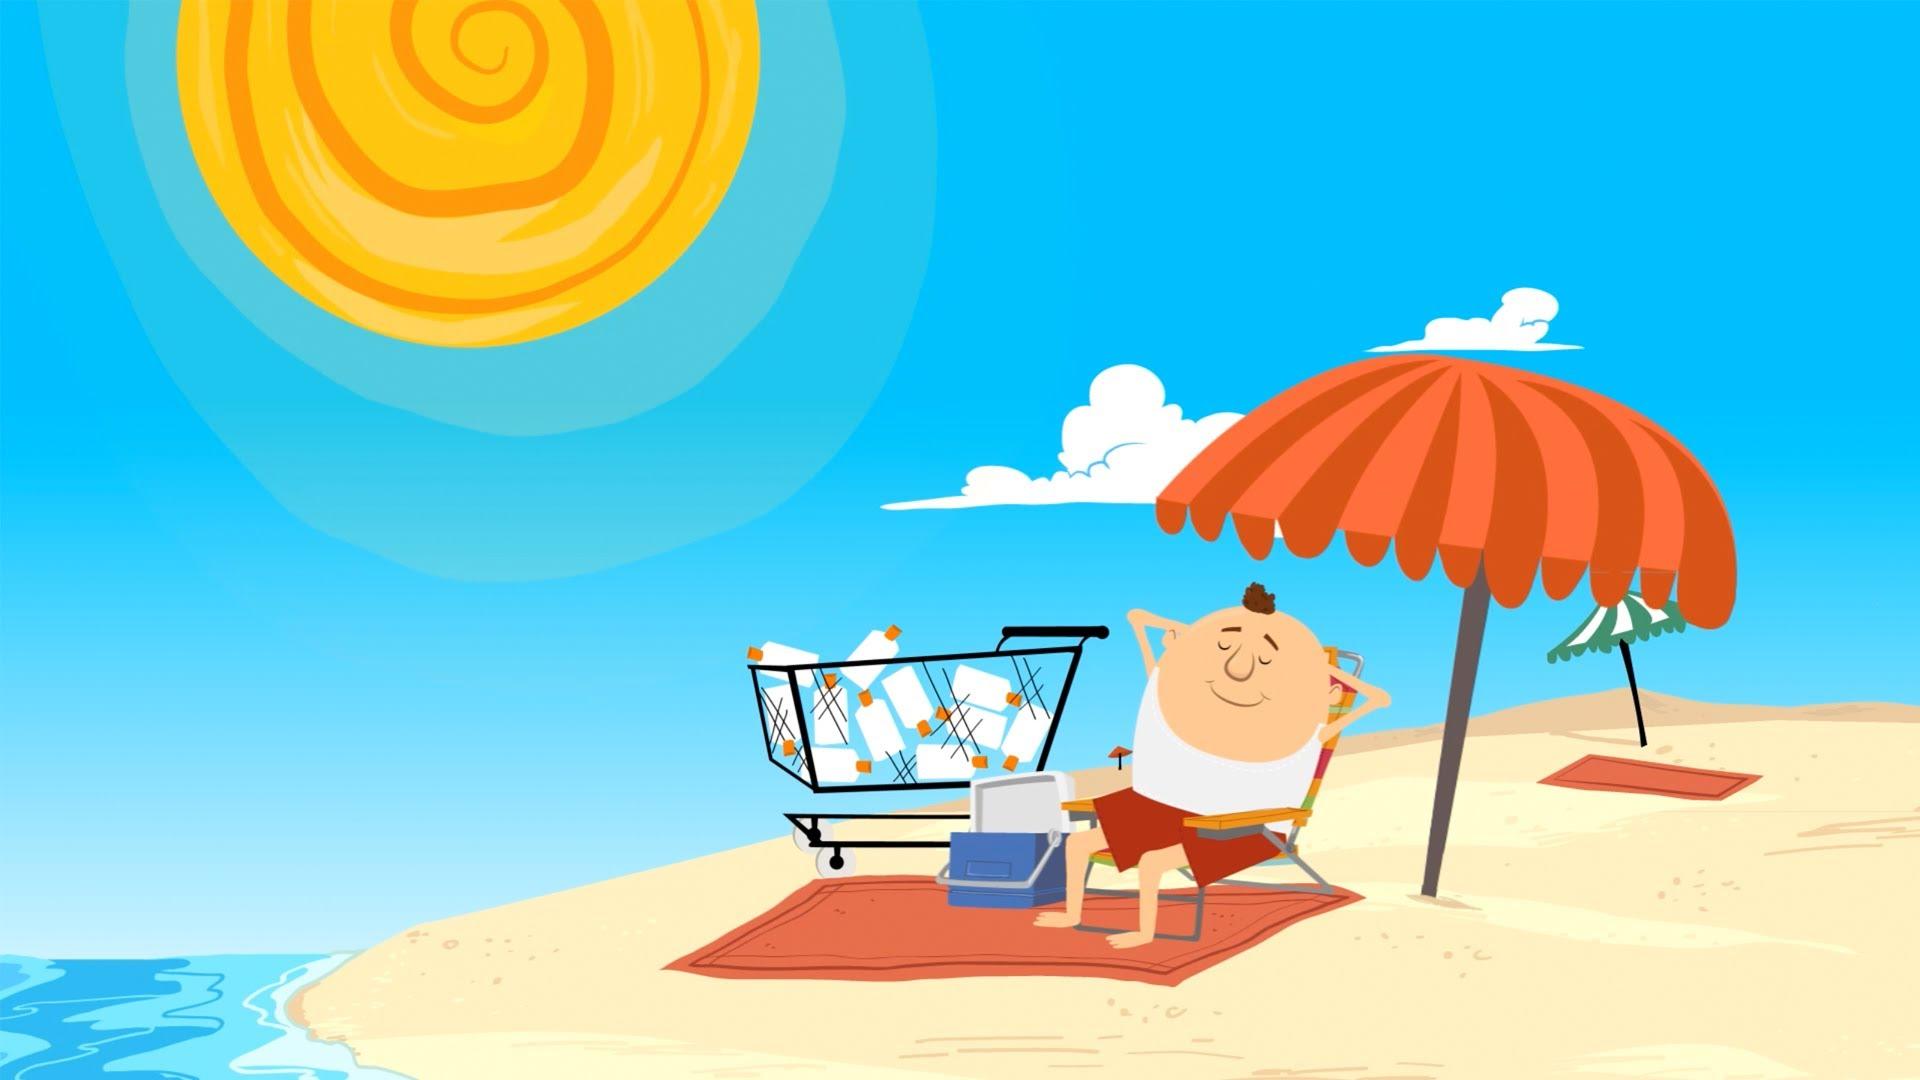 「太陽毒辣辣,你防曬了嗎?」- Why Do We Need to Wear Sunscreen?